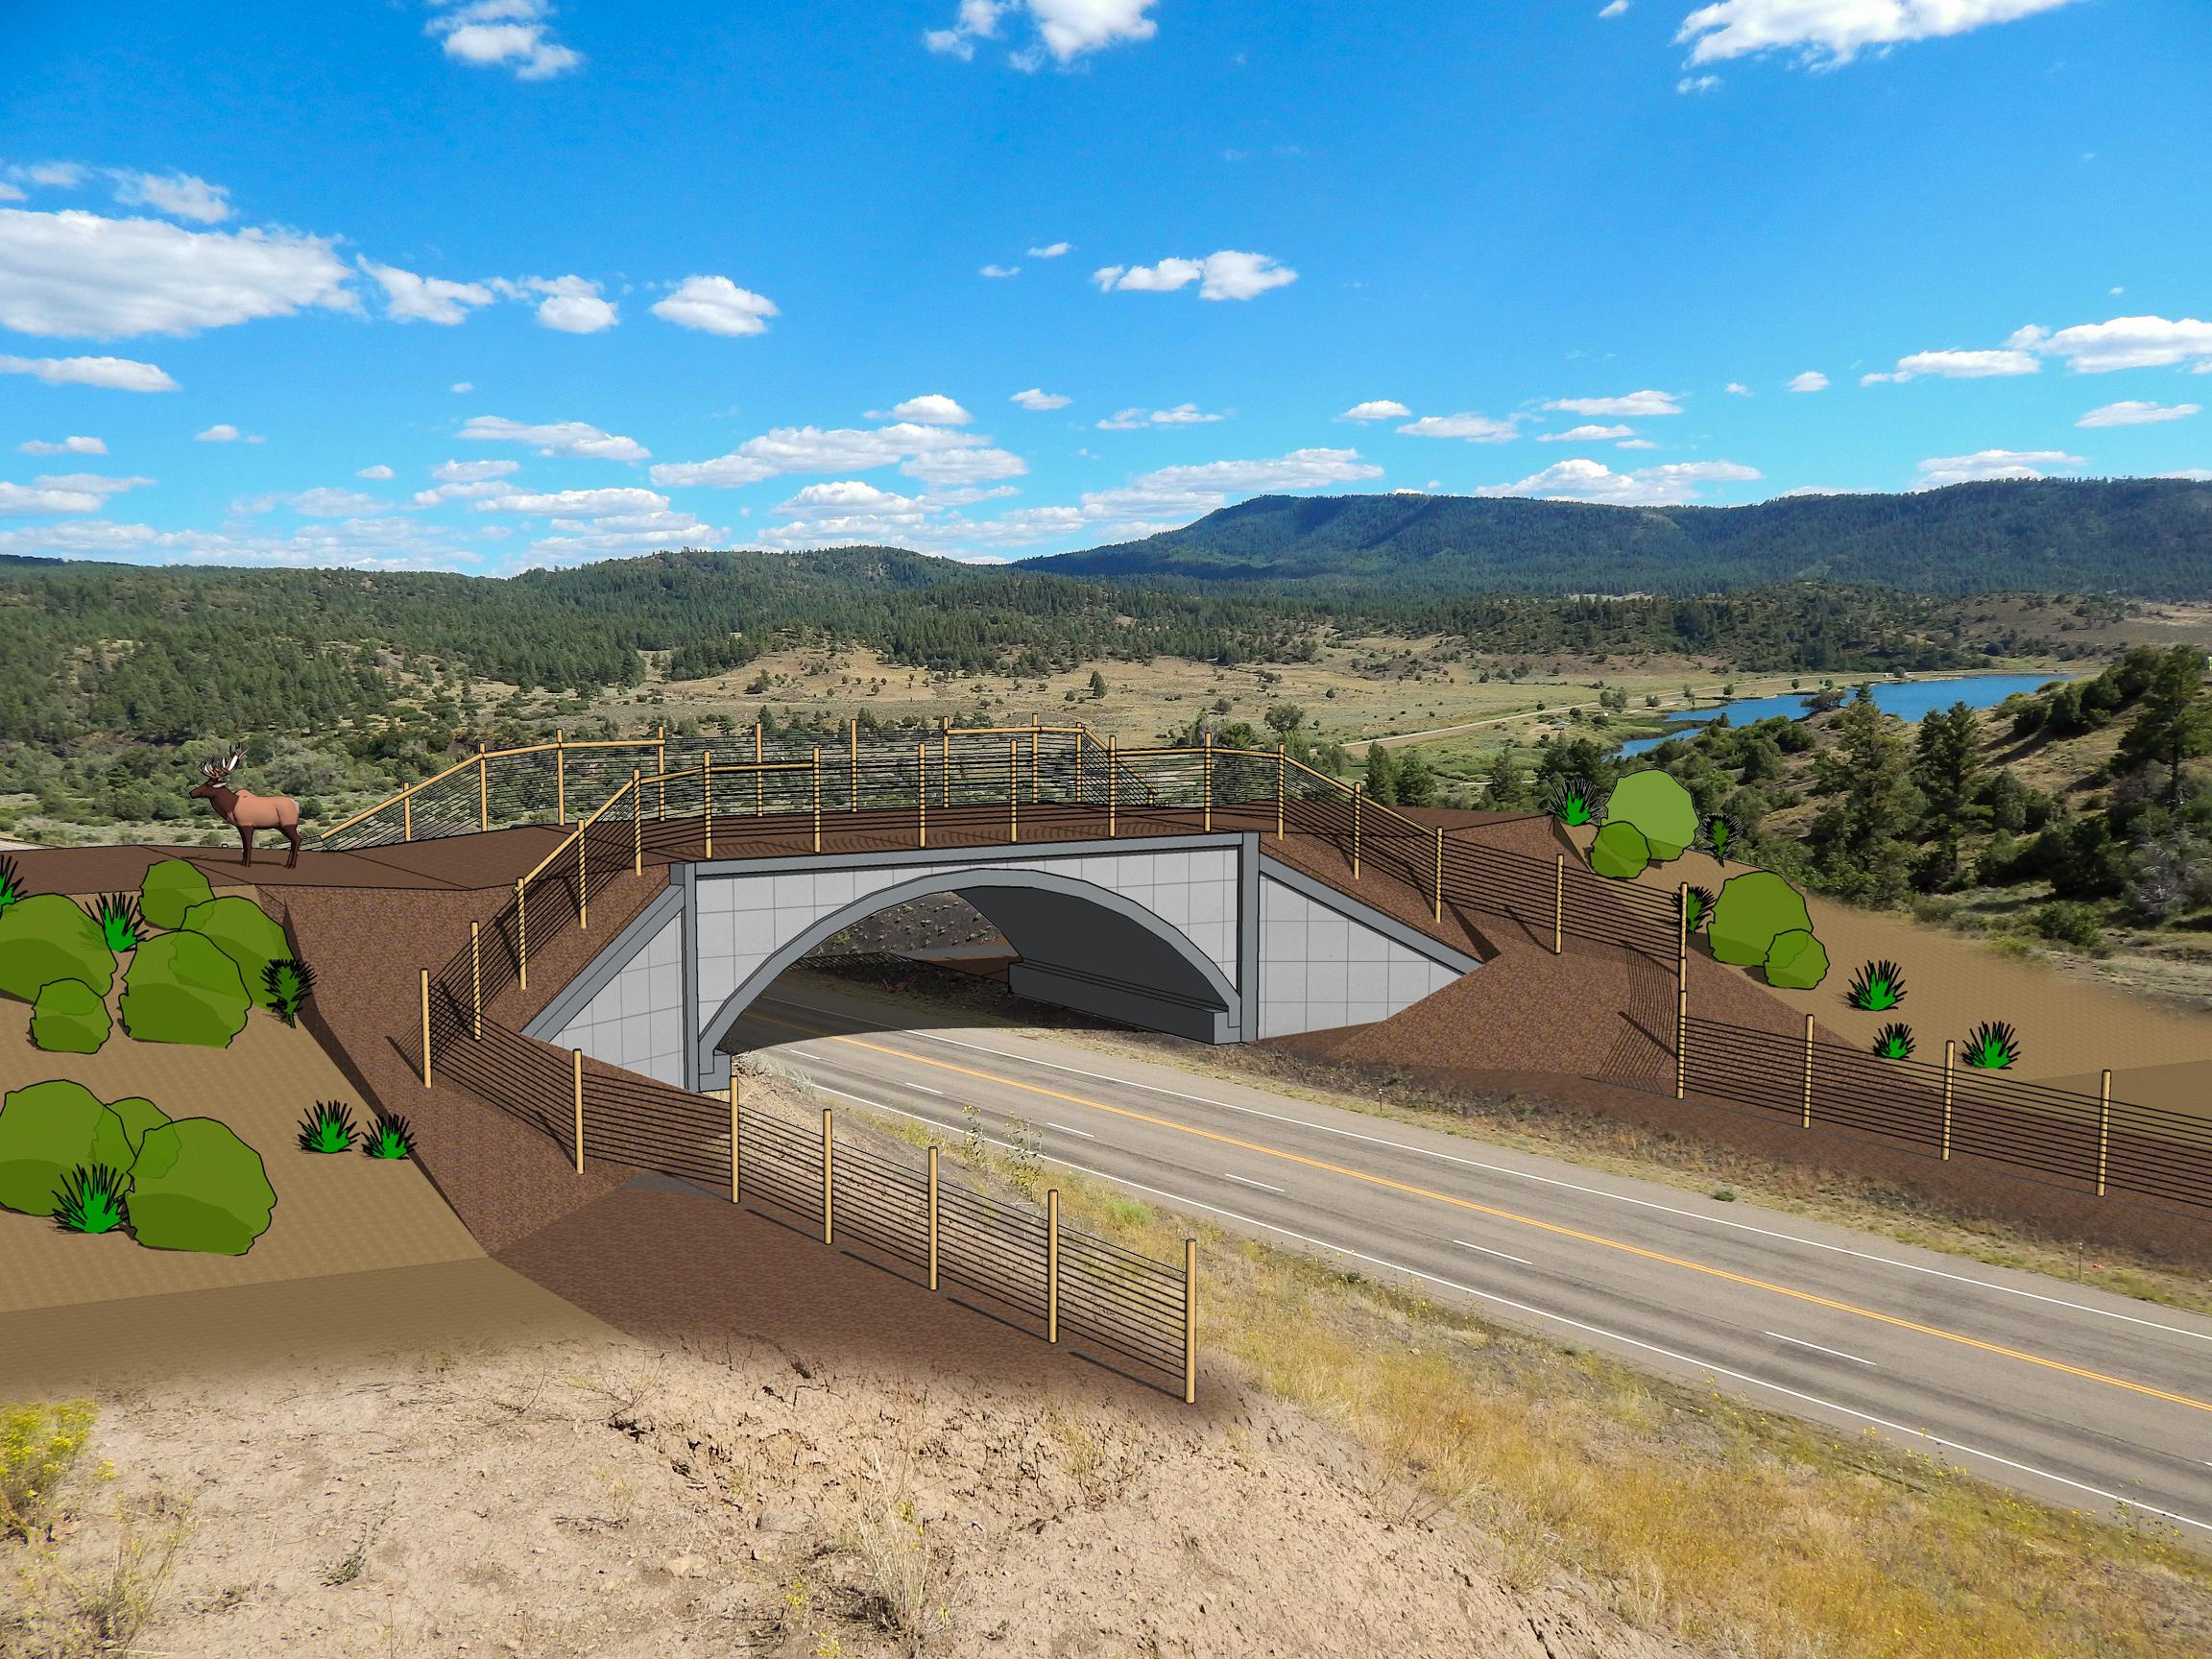 US 160 Wildlife Crossings_Artist Rendering.jpg detail image